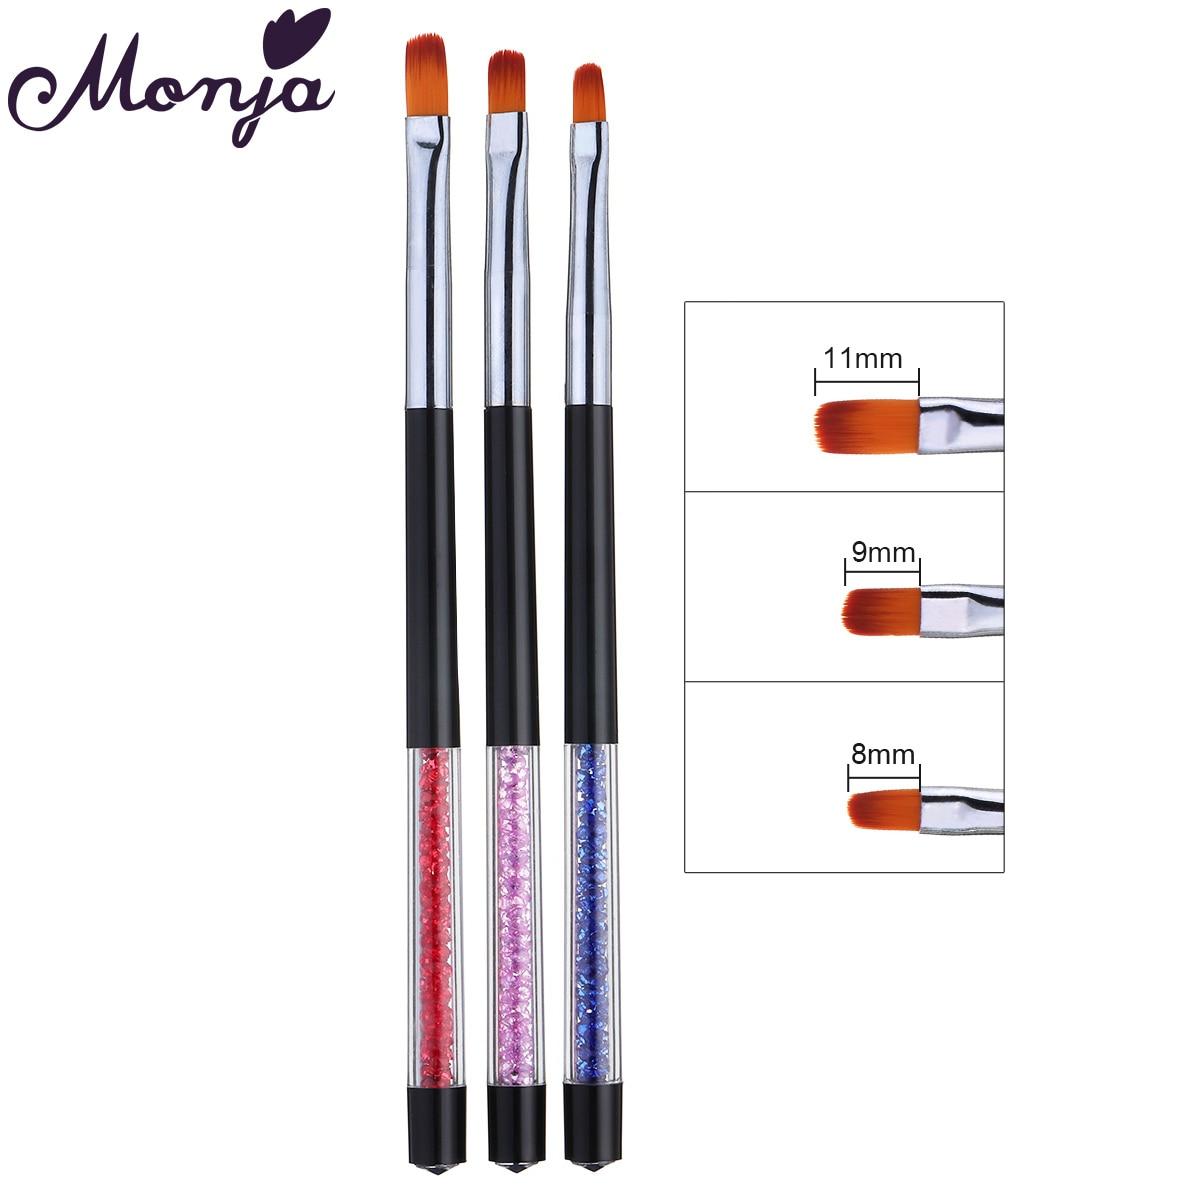 Monja 3 шт./компл. Стразы для дизайна ногтей ручной лак УФ-гель для наращивания кисть для рисования дизайн DIY Рисунок